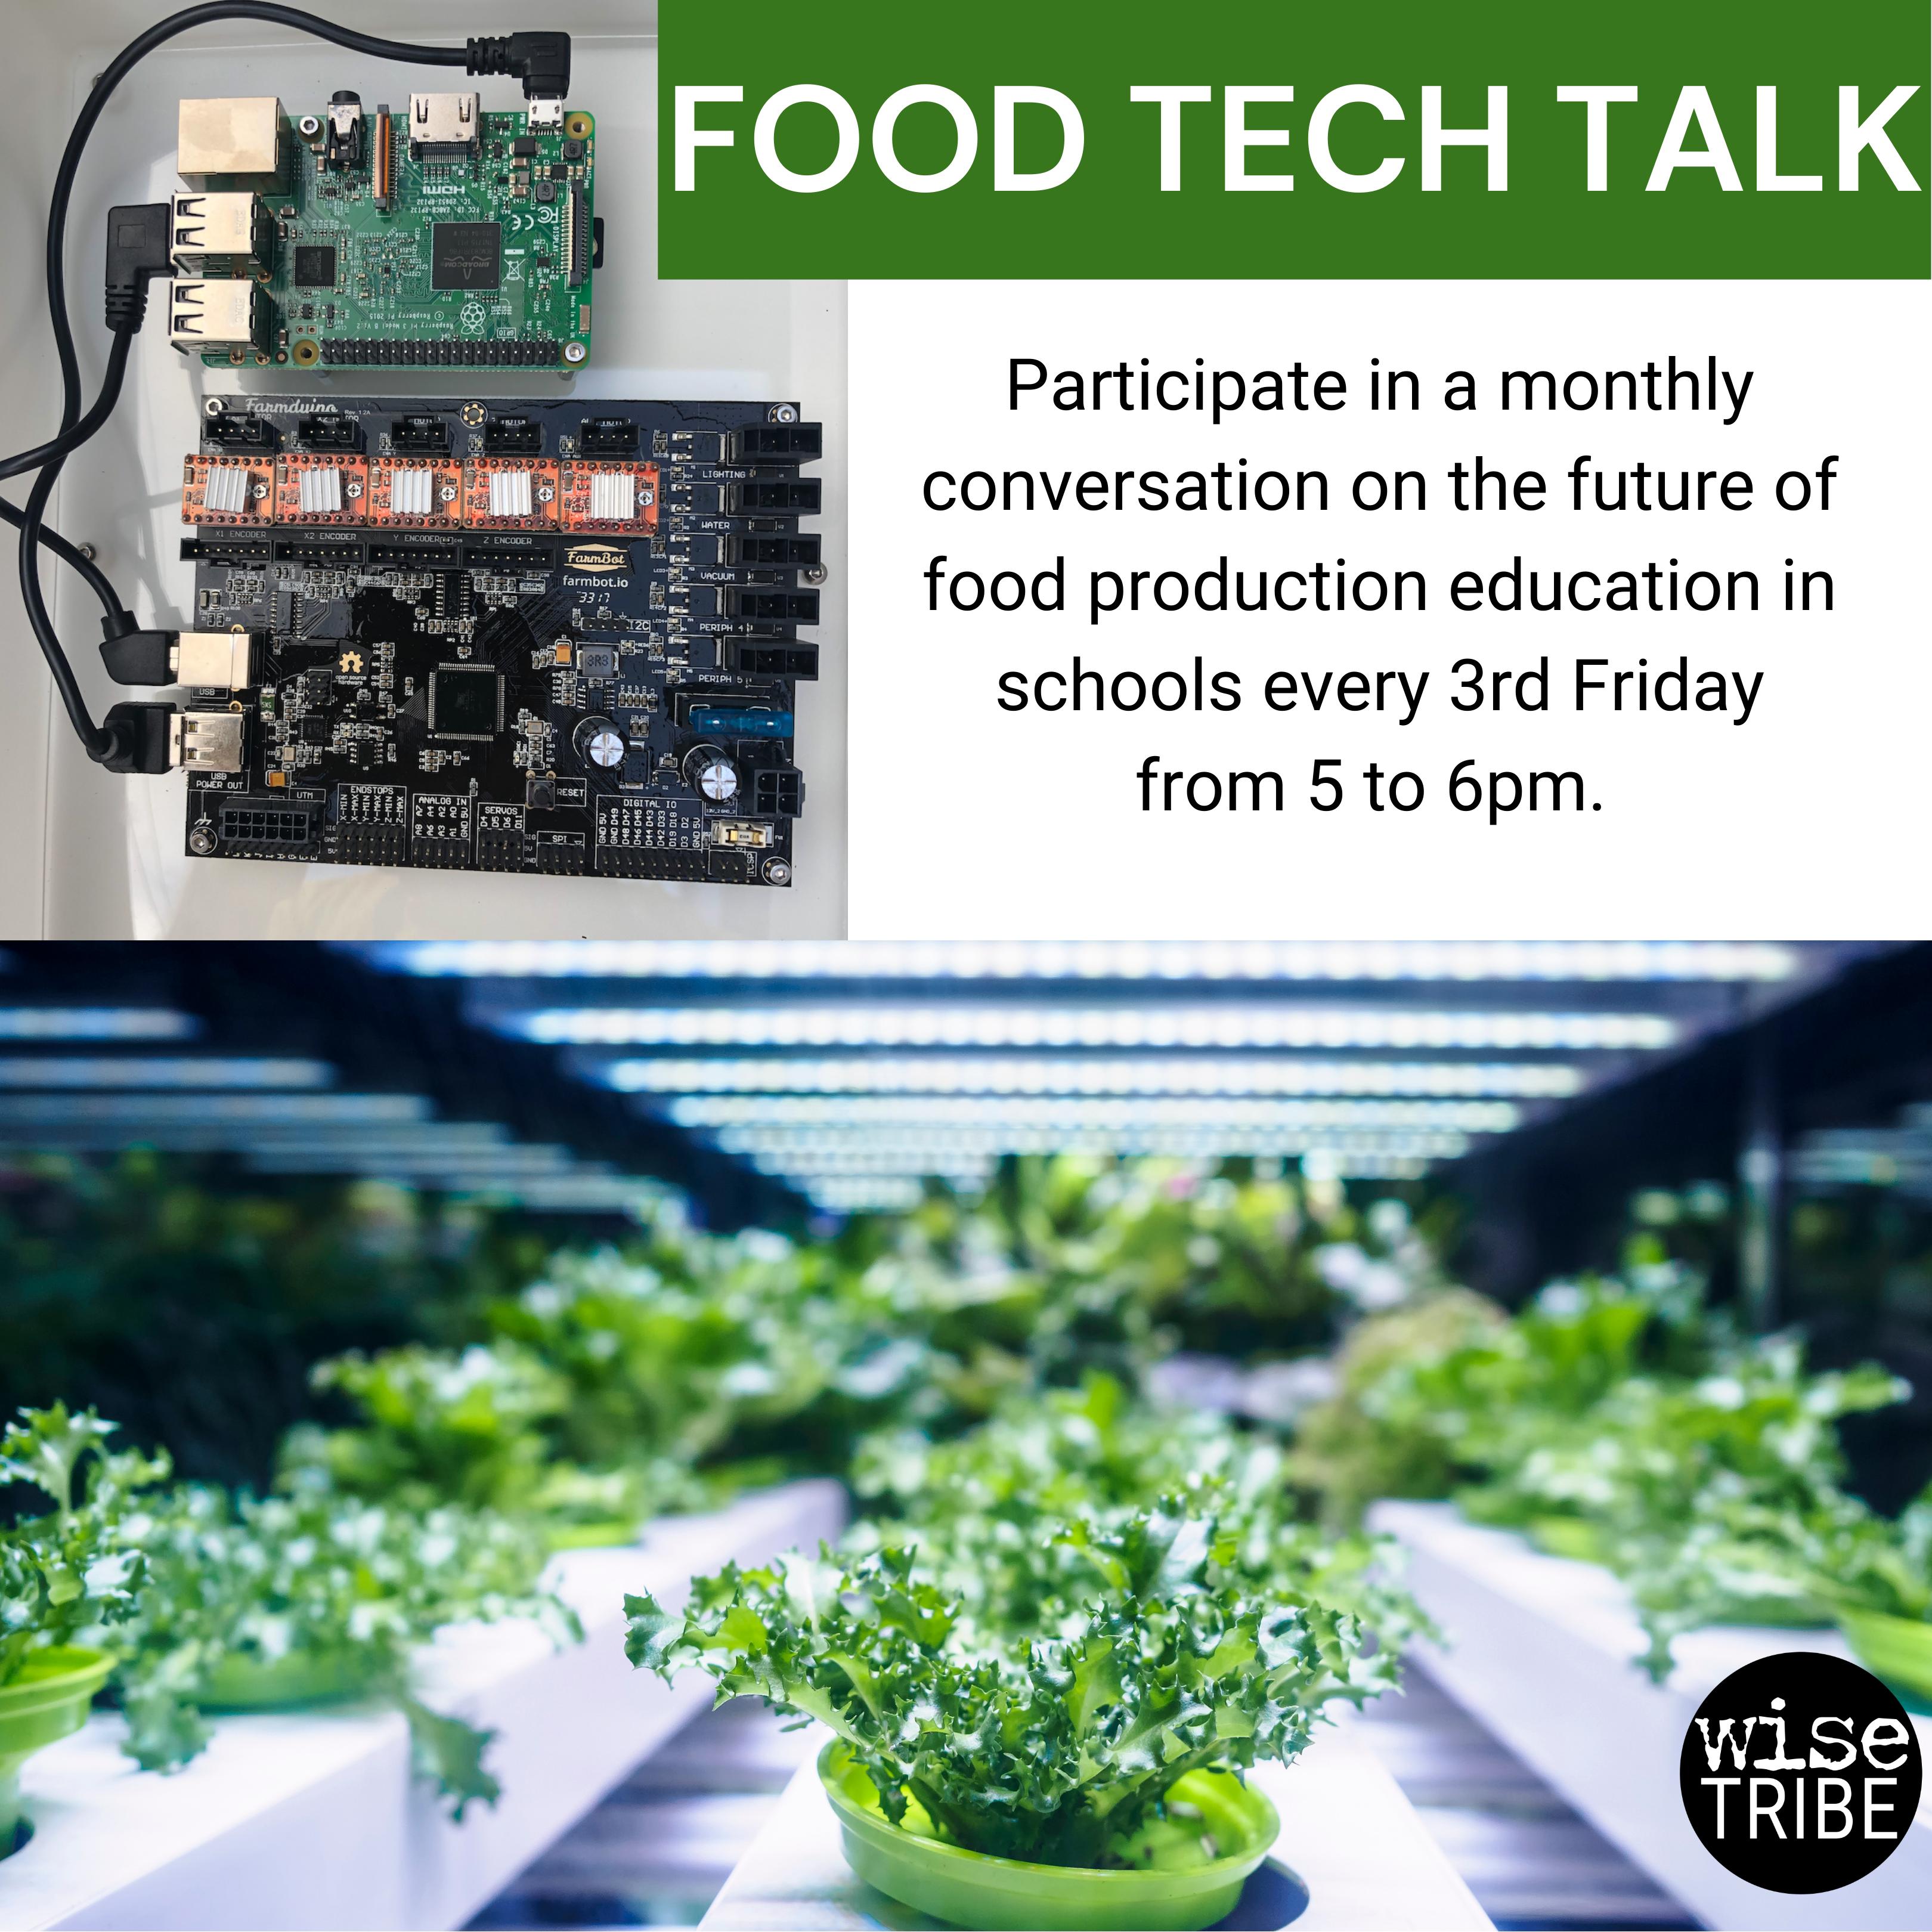 Food Tech Talk